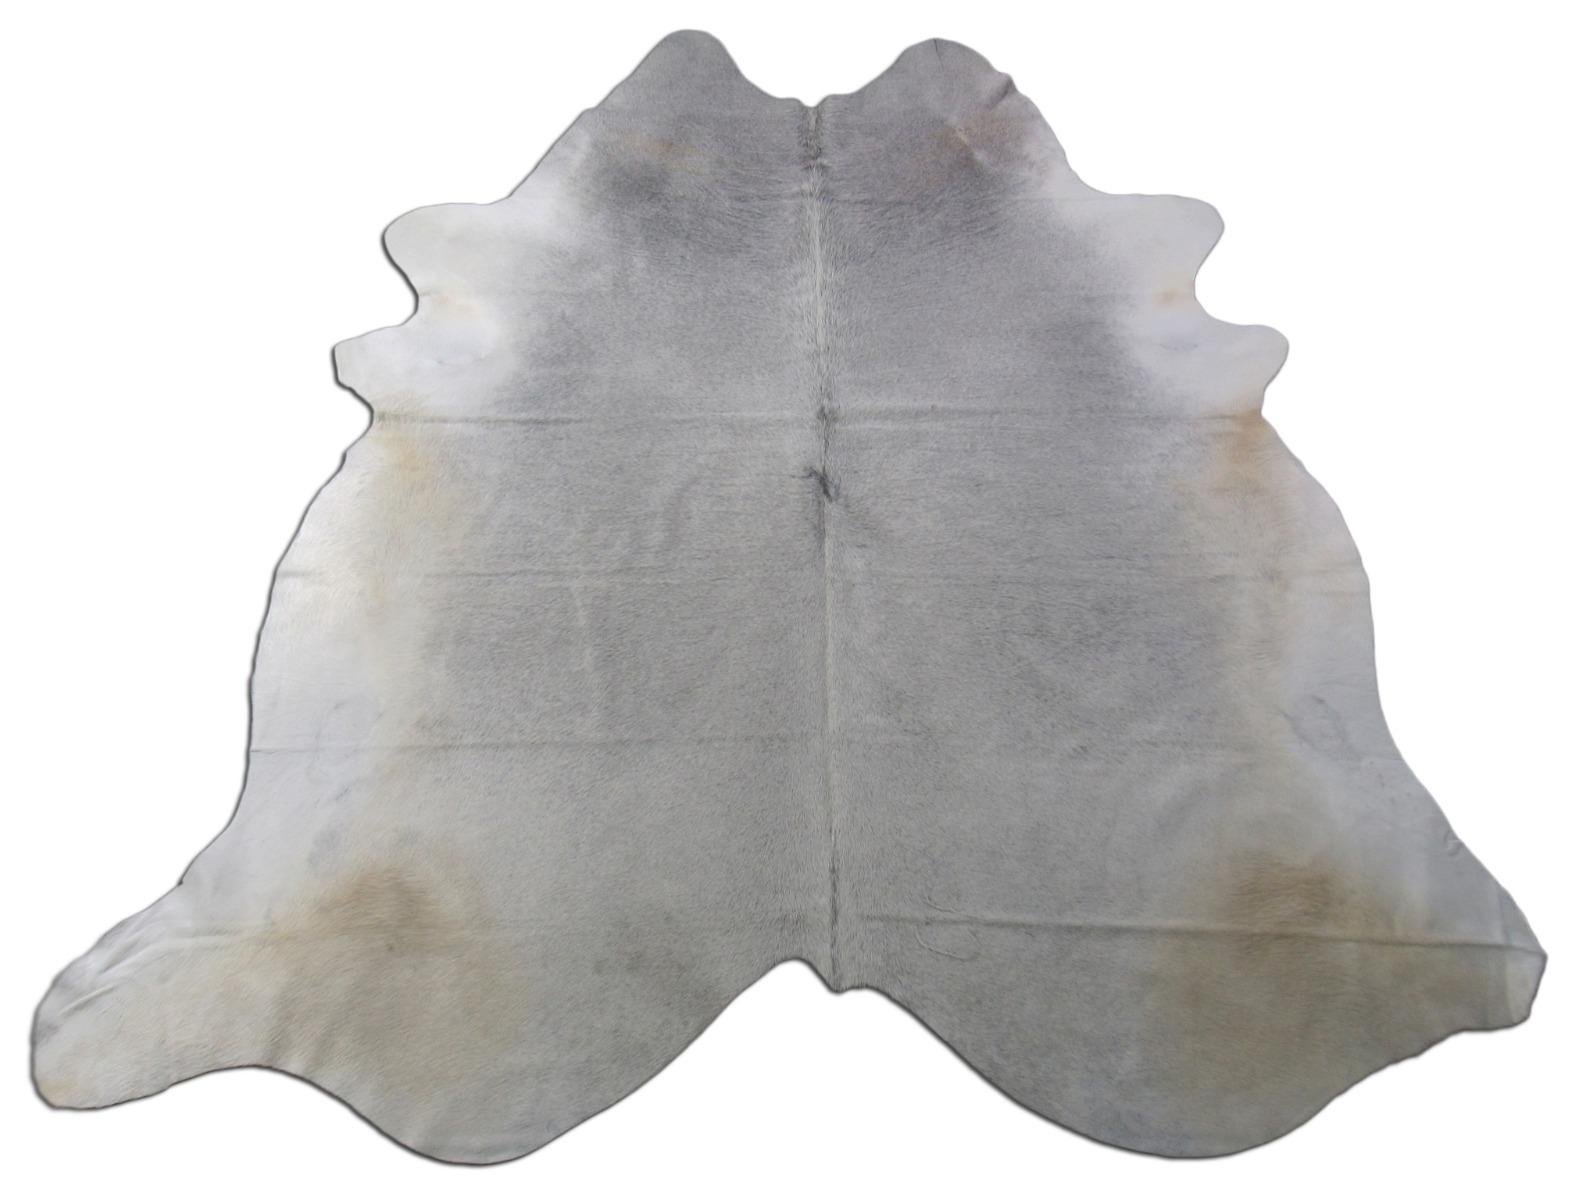 A-1435 Grey Cowhide Rug Size: 8' X 7' *HUGE*